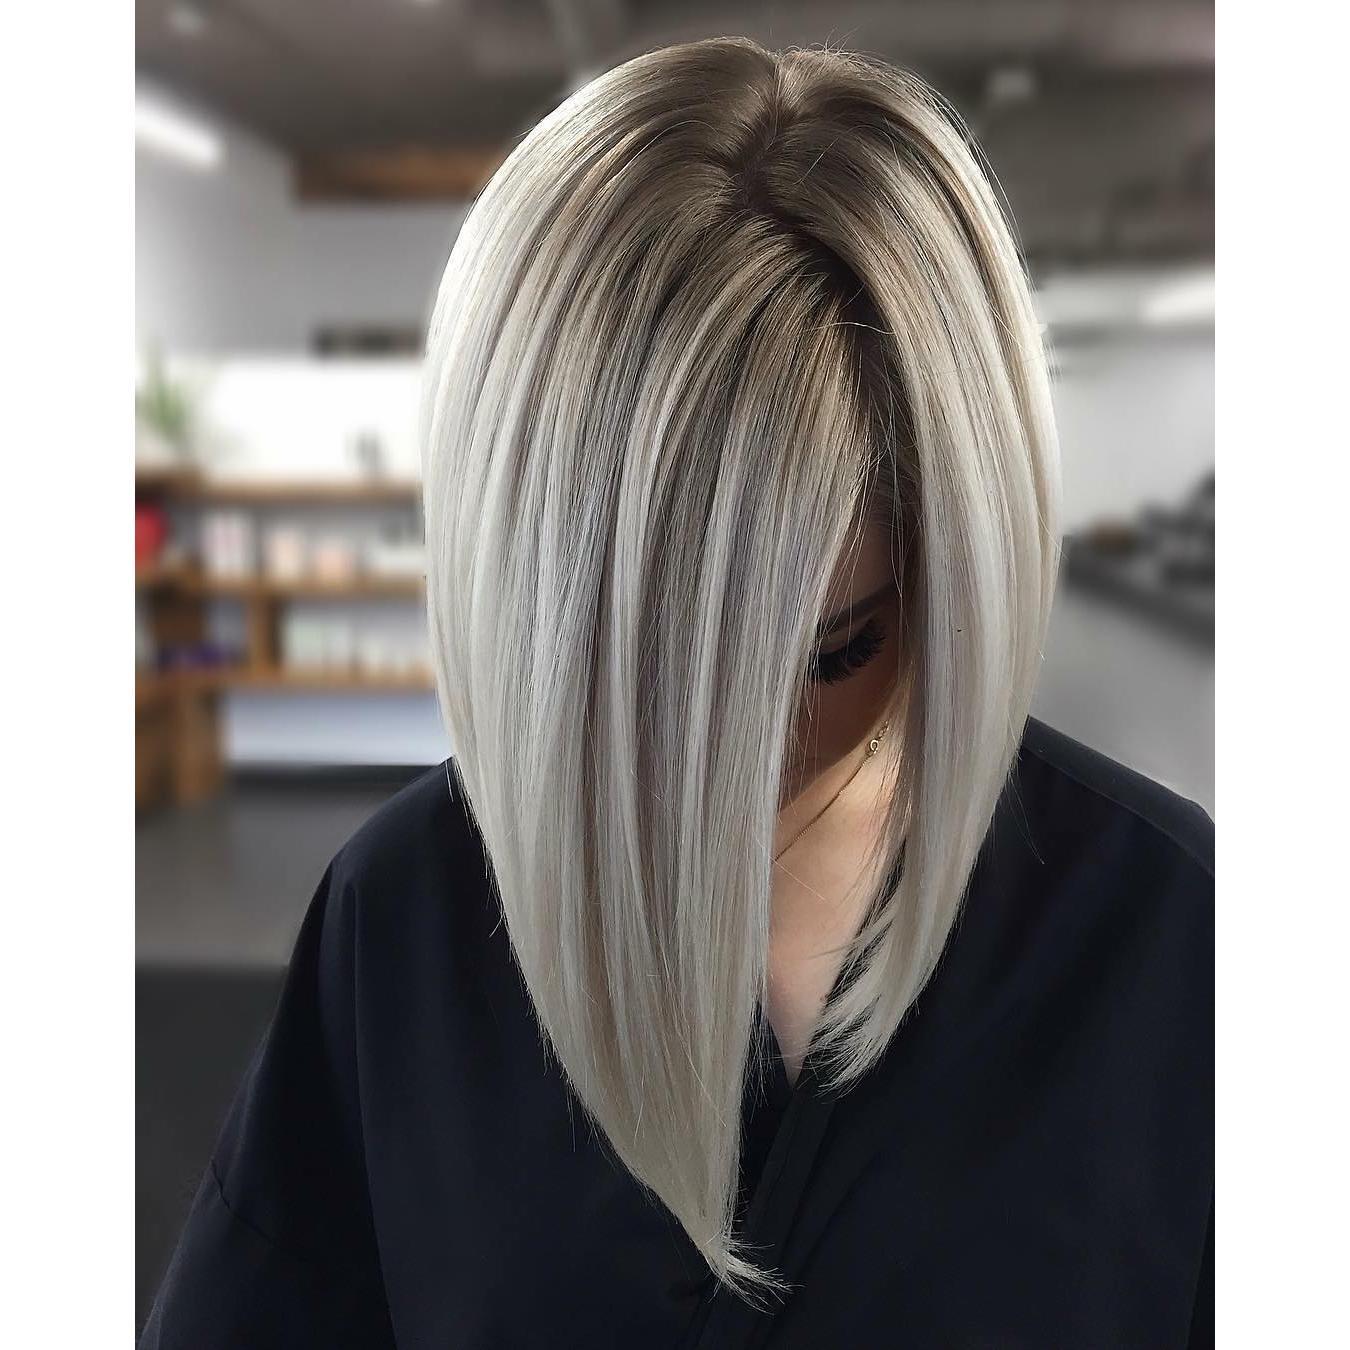 Colore capelli grigio scuro in occasione sugli ecommerce ...